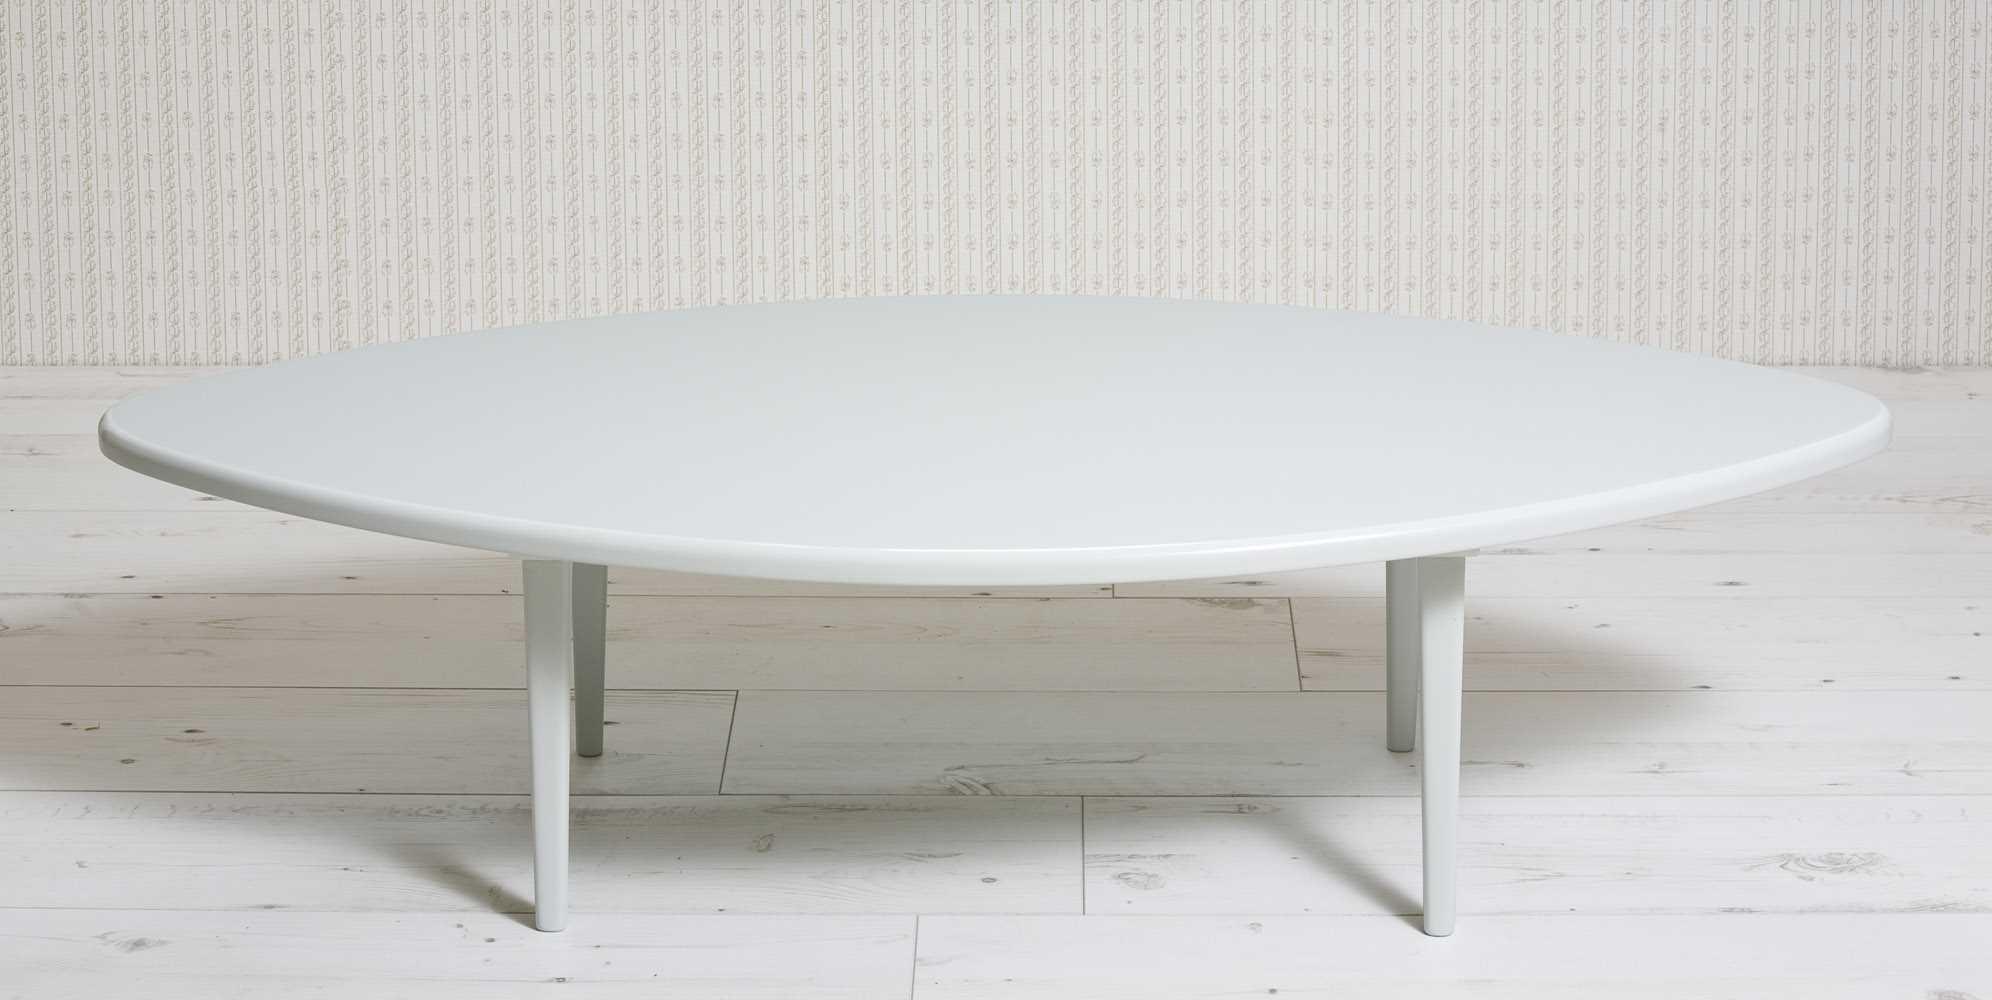 שולחן גלשן  - מחיר מבצע